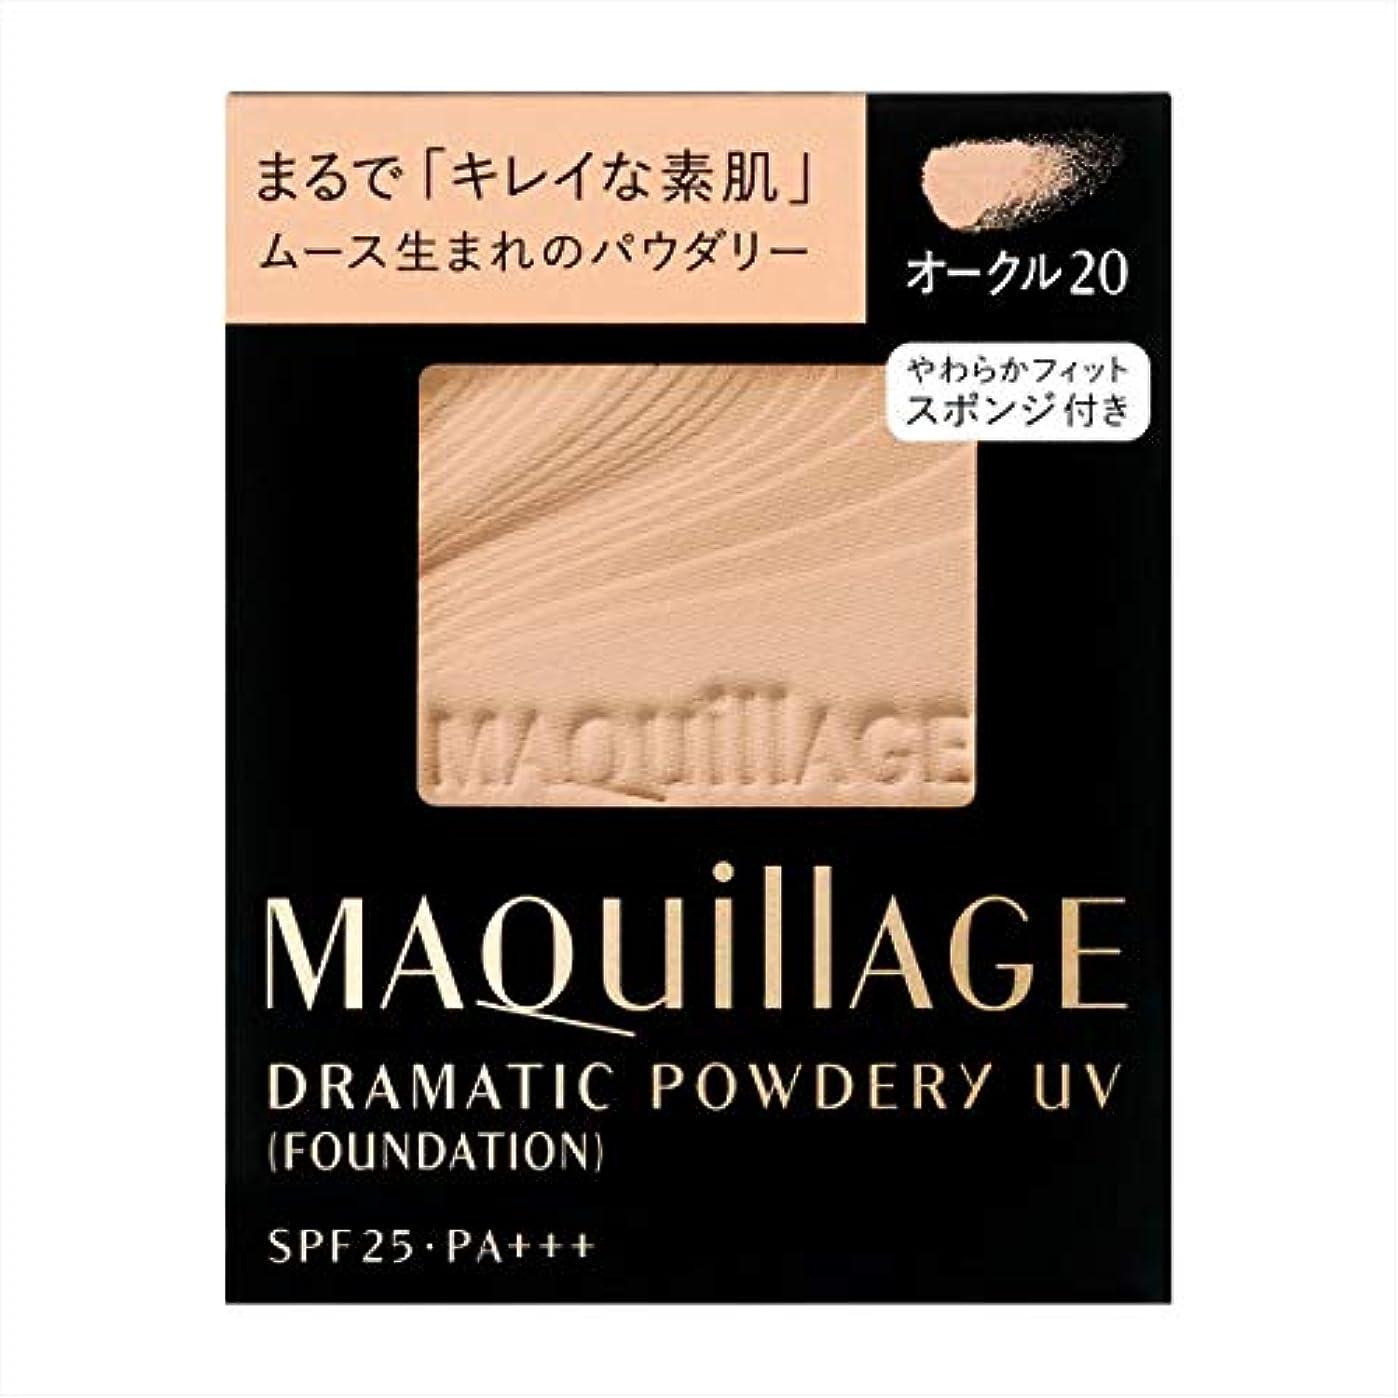 バーベキュー脊椎乙女資生堂 マキアージュ ドラマティックパウダリー UV (レフィル) オークル20